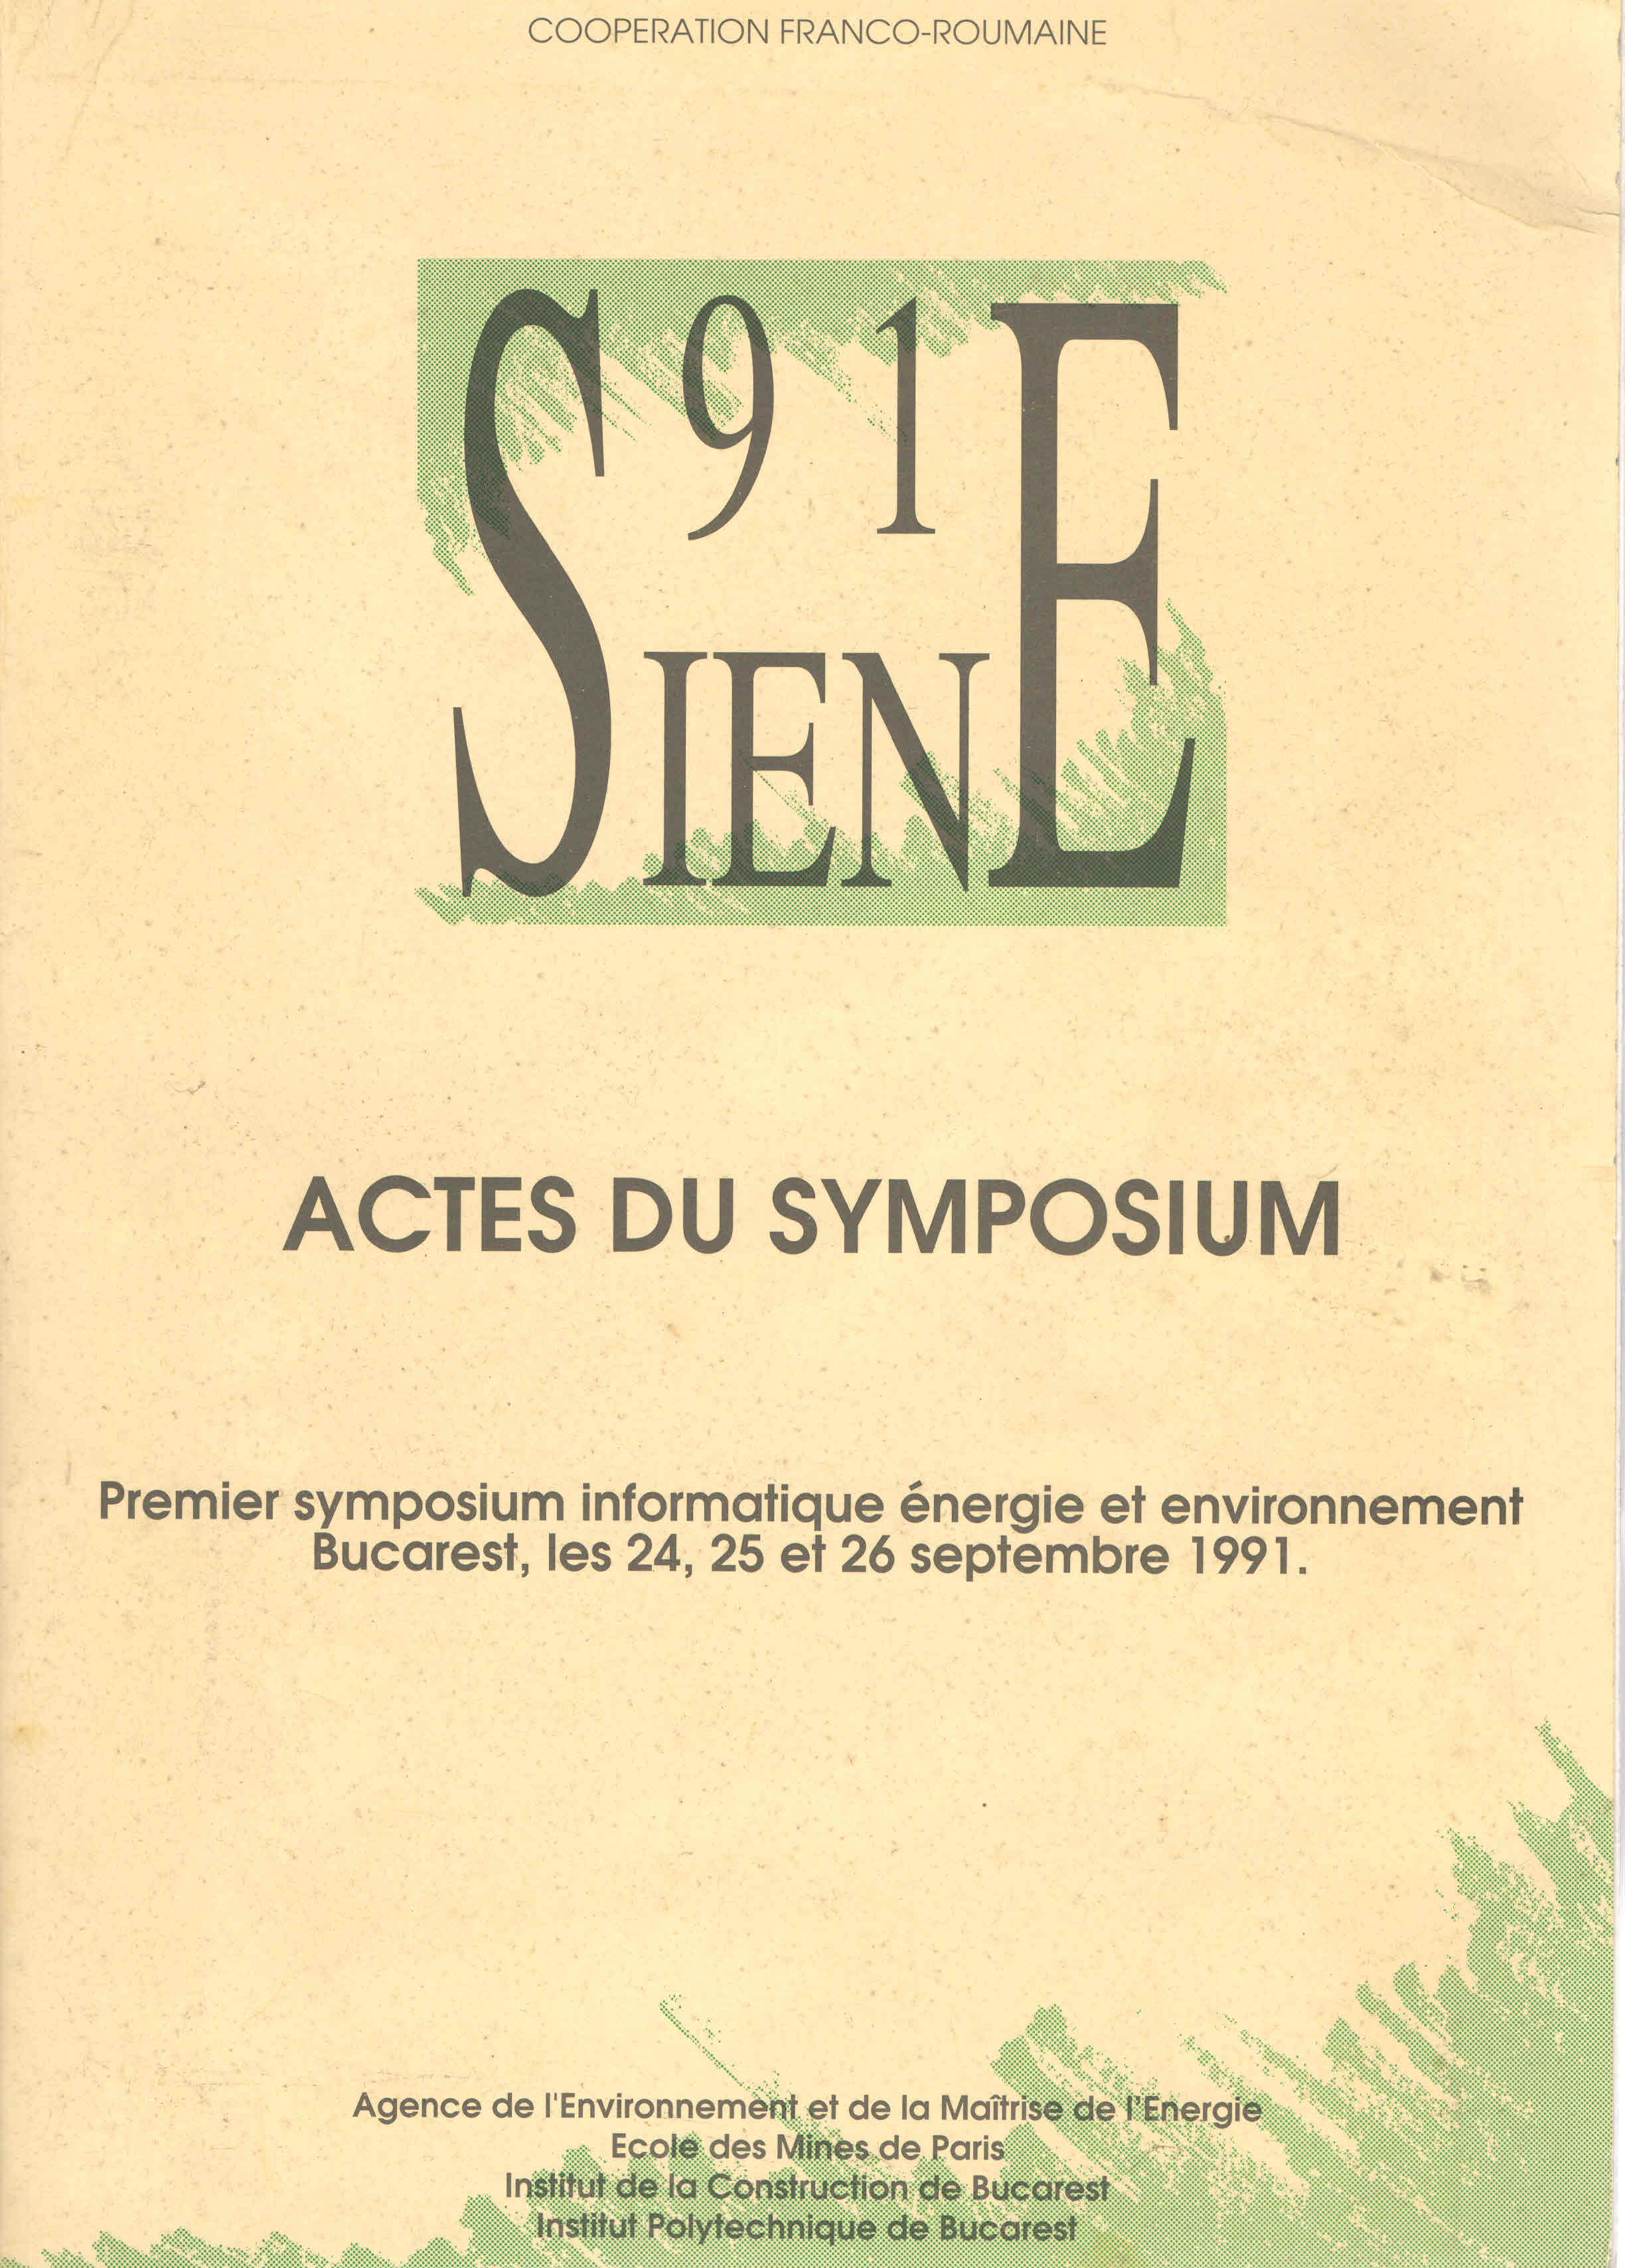 Symposium Franco Roumain SIENE 91